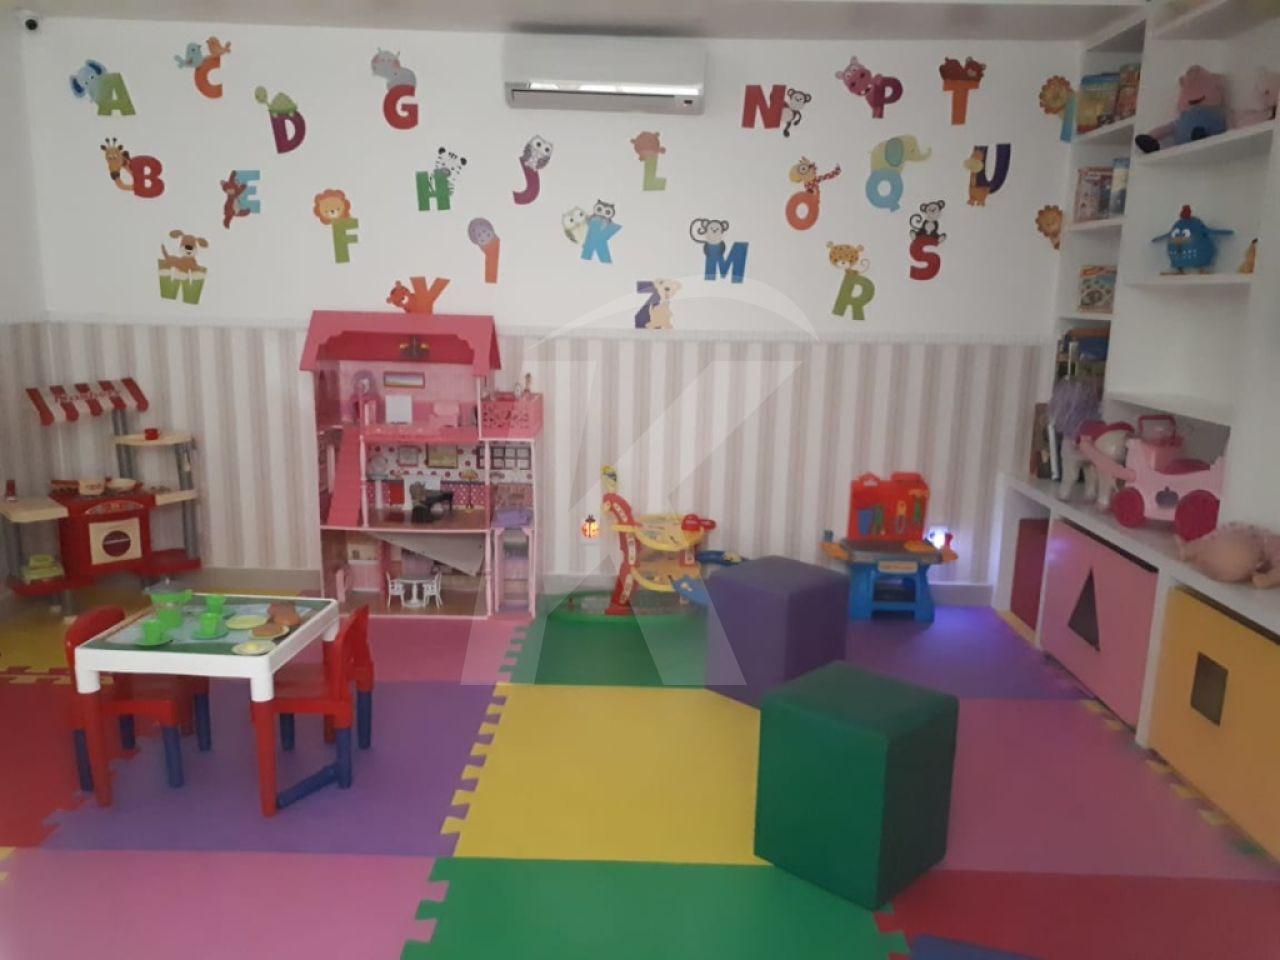 Apartamento Vila Gustavo - 3 Dormitório(s) - São Paulo - SP - REF. KA8046